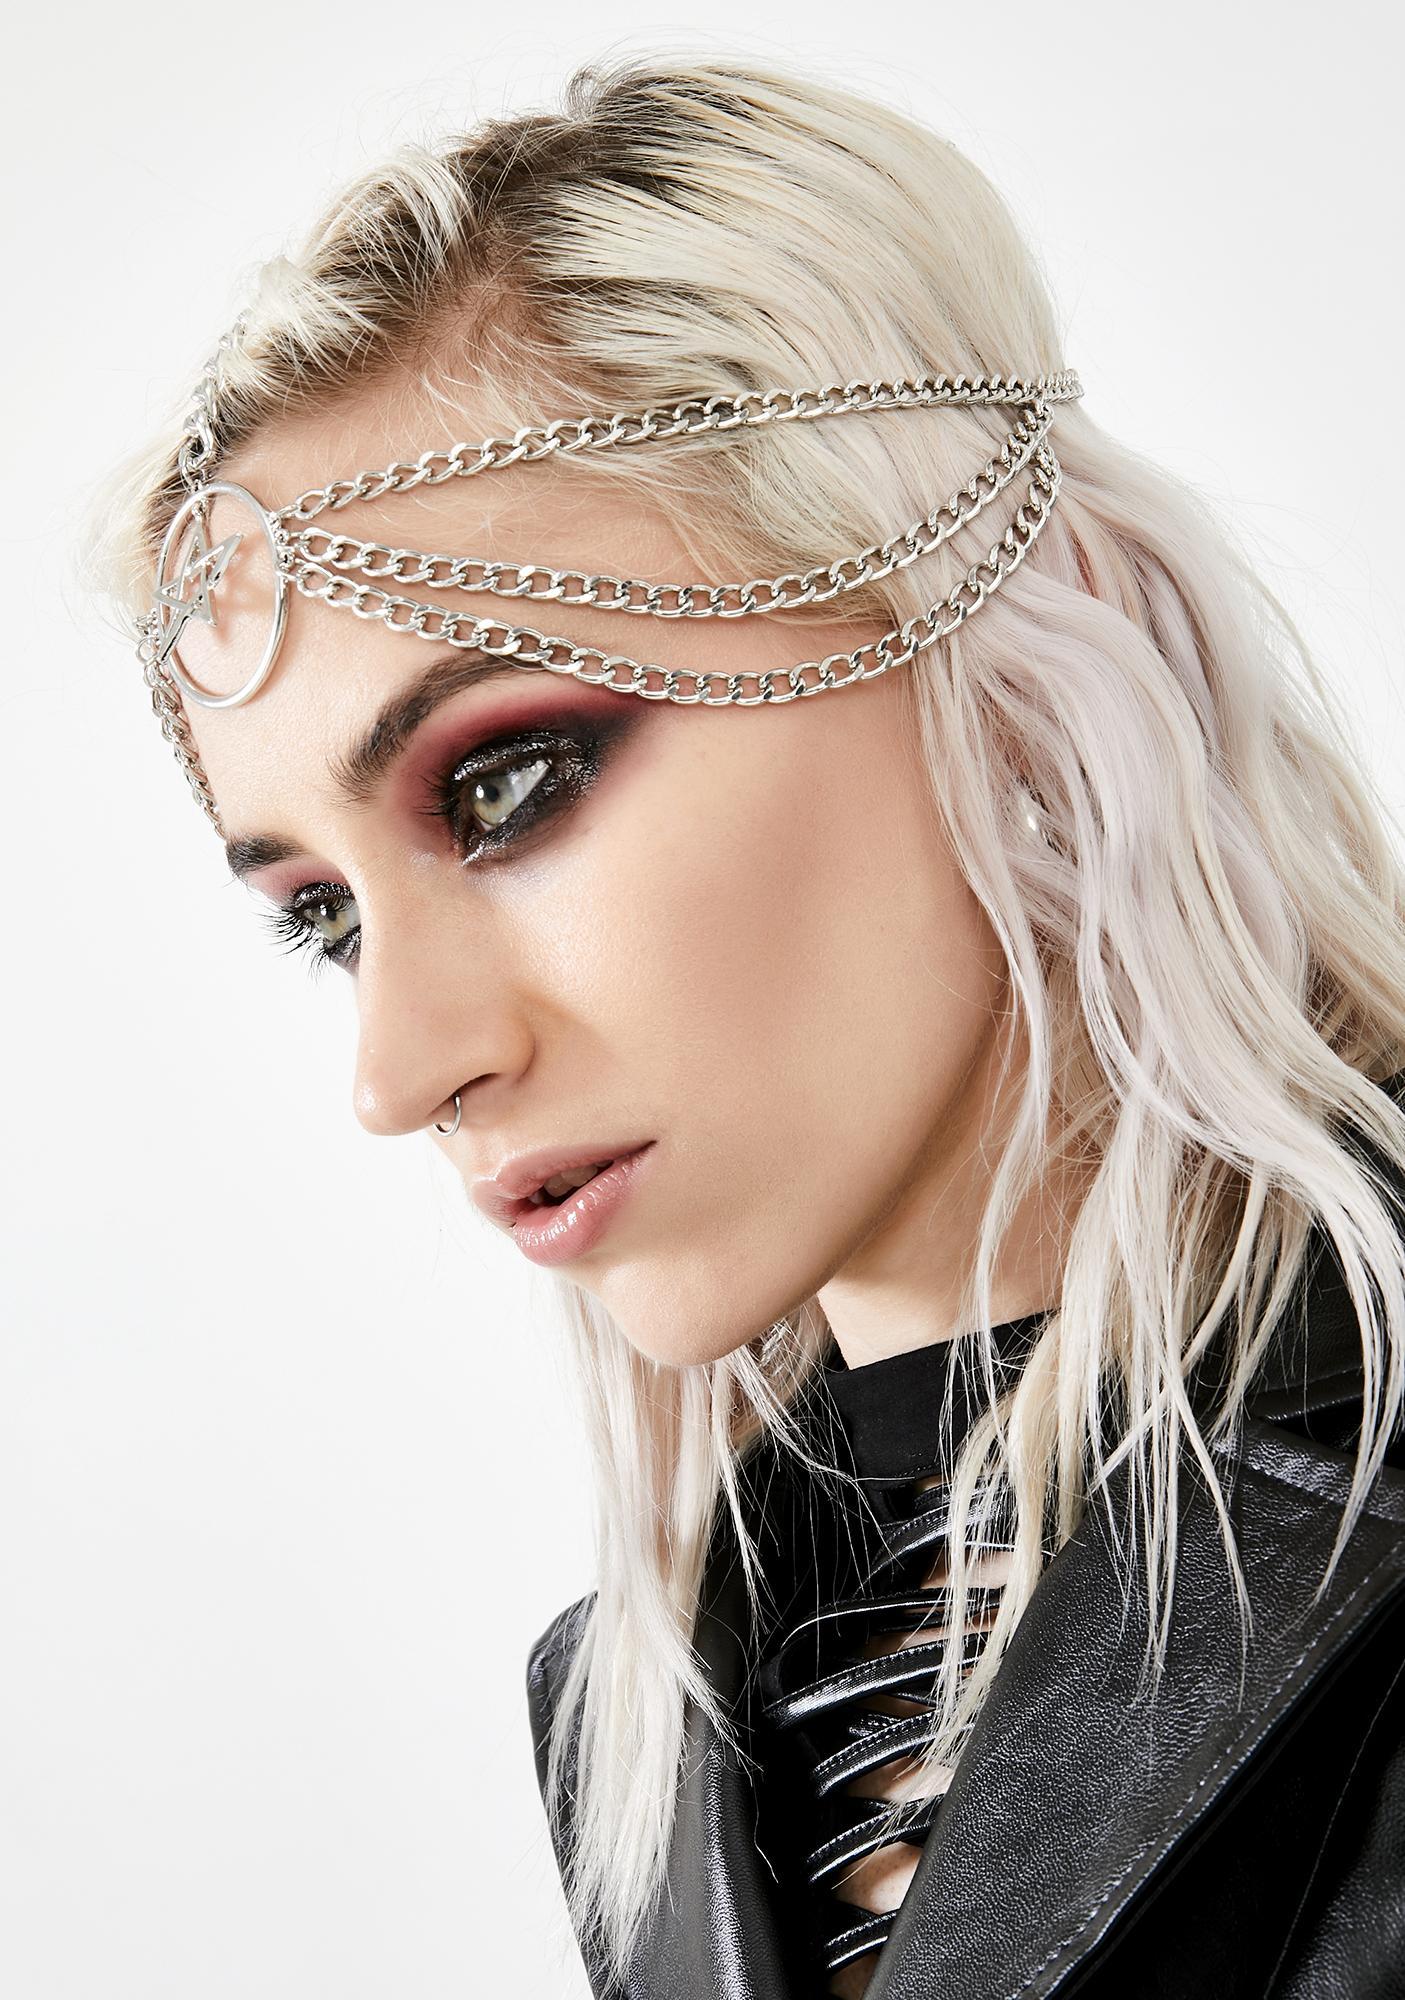 Penta Hexx Head Chain